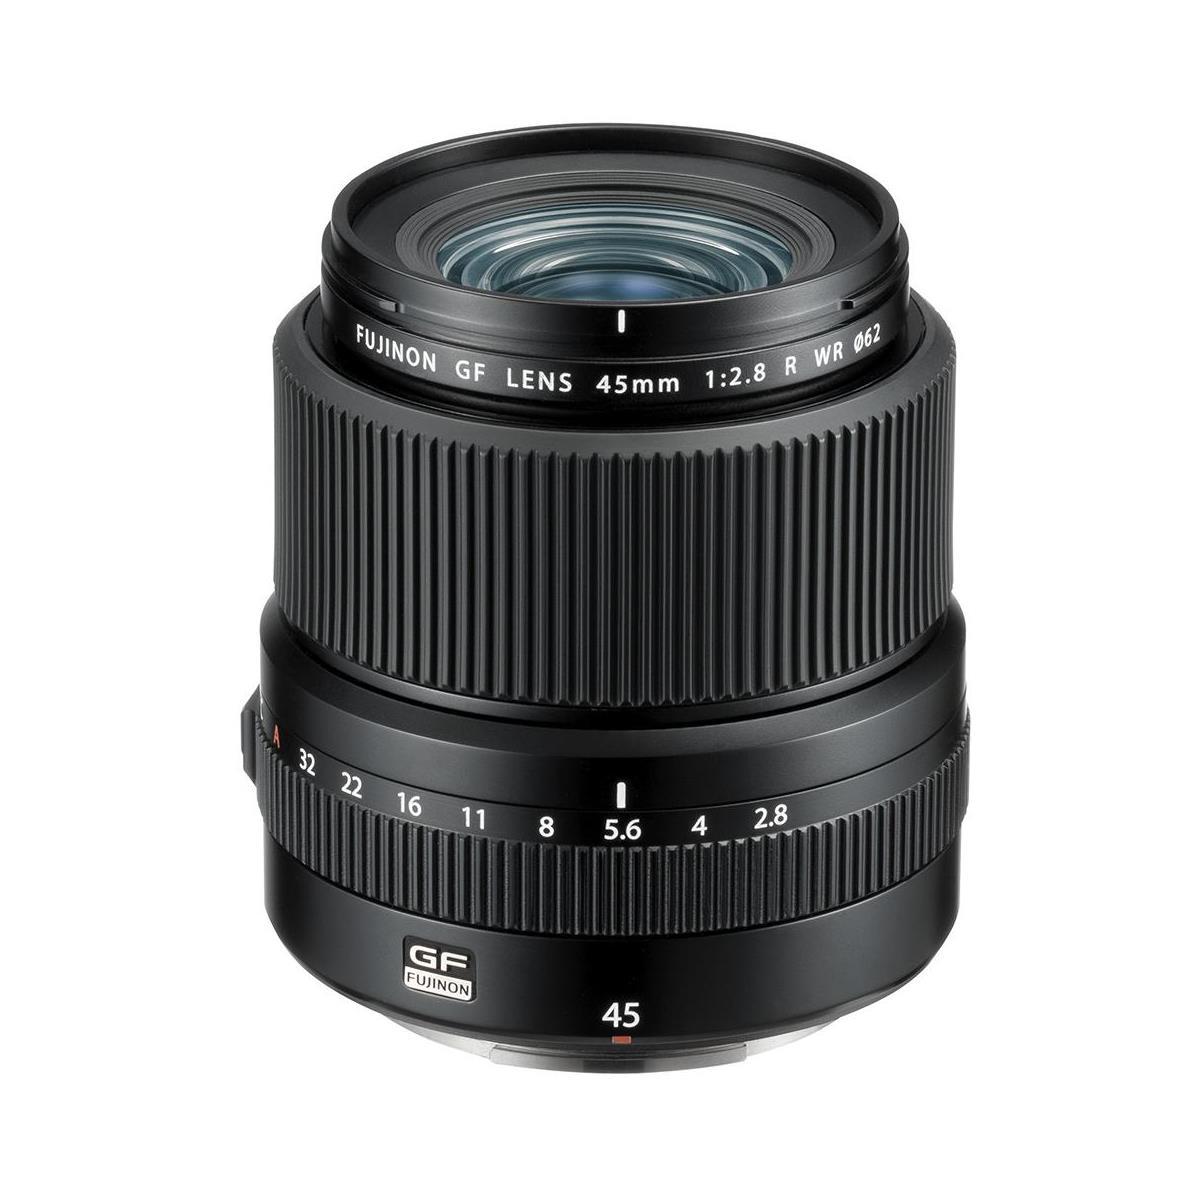 Fujifilm FUJINON GF 45mm F2.8 R WR Lens